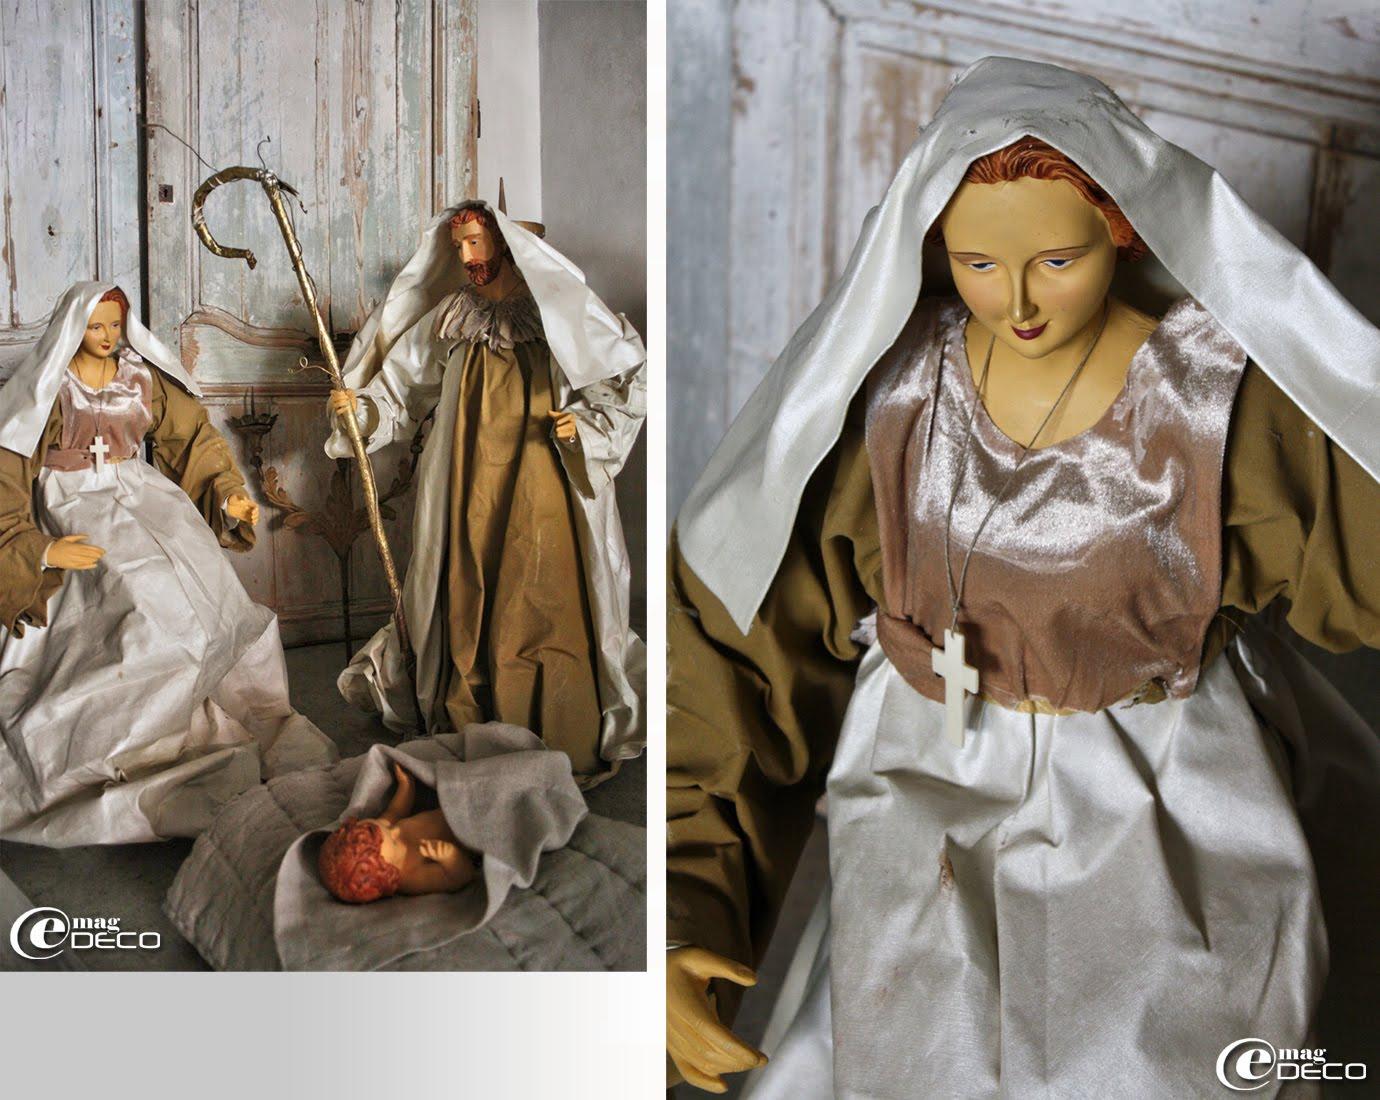 Devant d'anciennes portes, la traditionnelle crèche provençale s'est invitée dans le décor de Noël de la boutique Côté Bastide à Aix-en-Provence